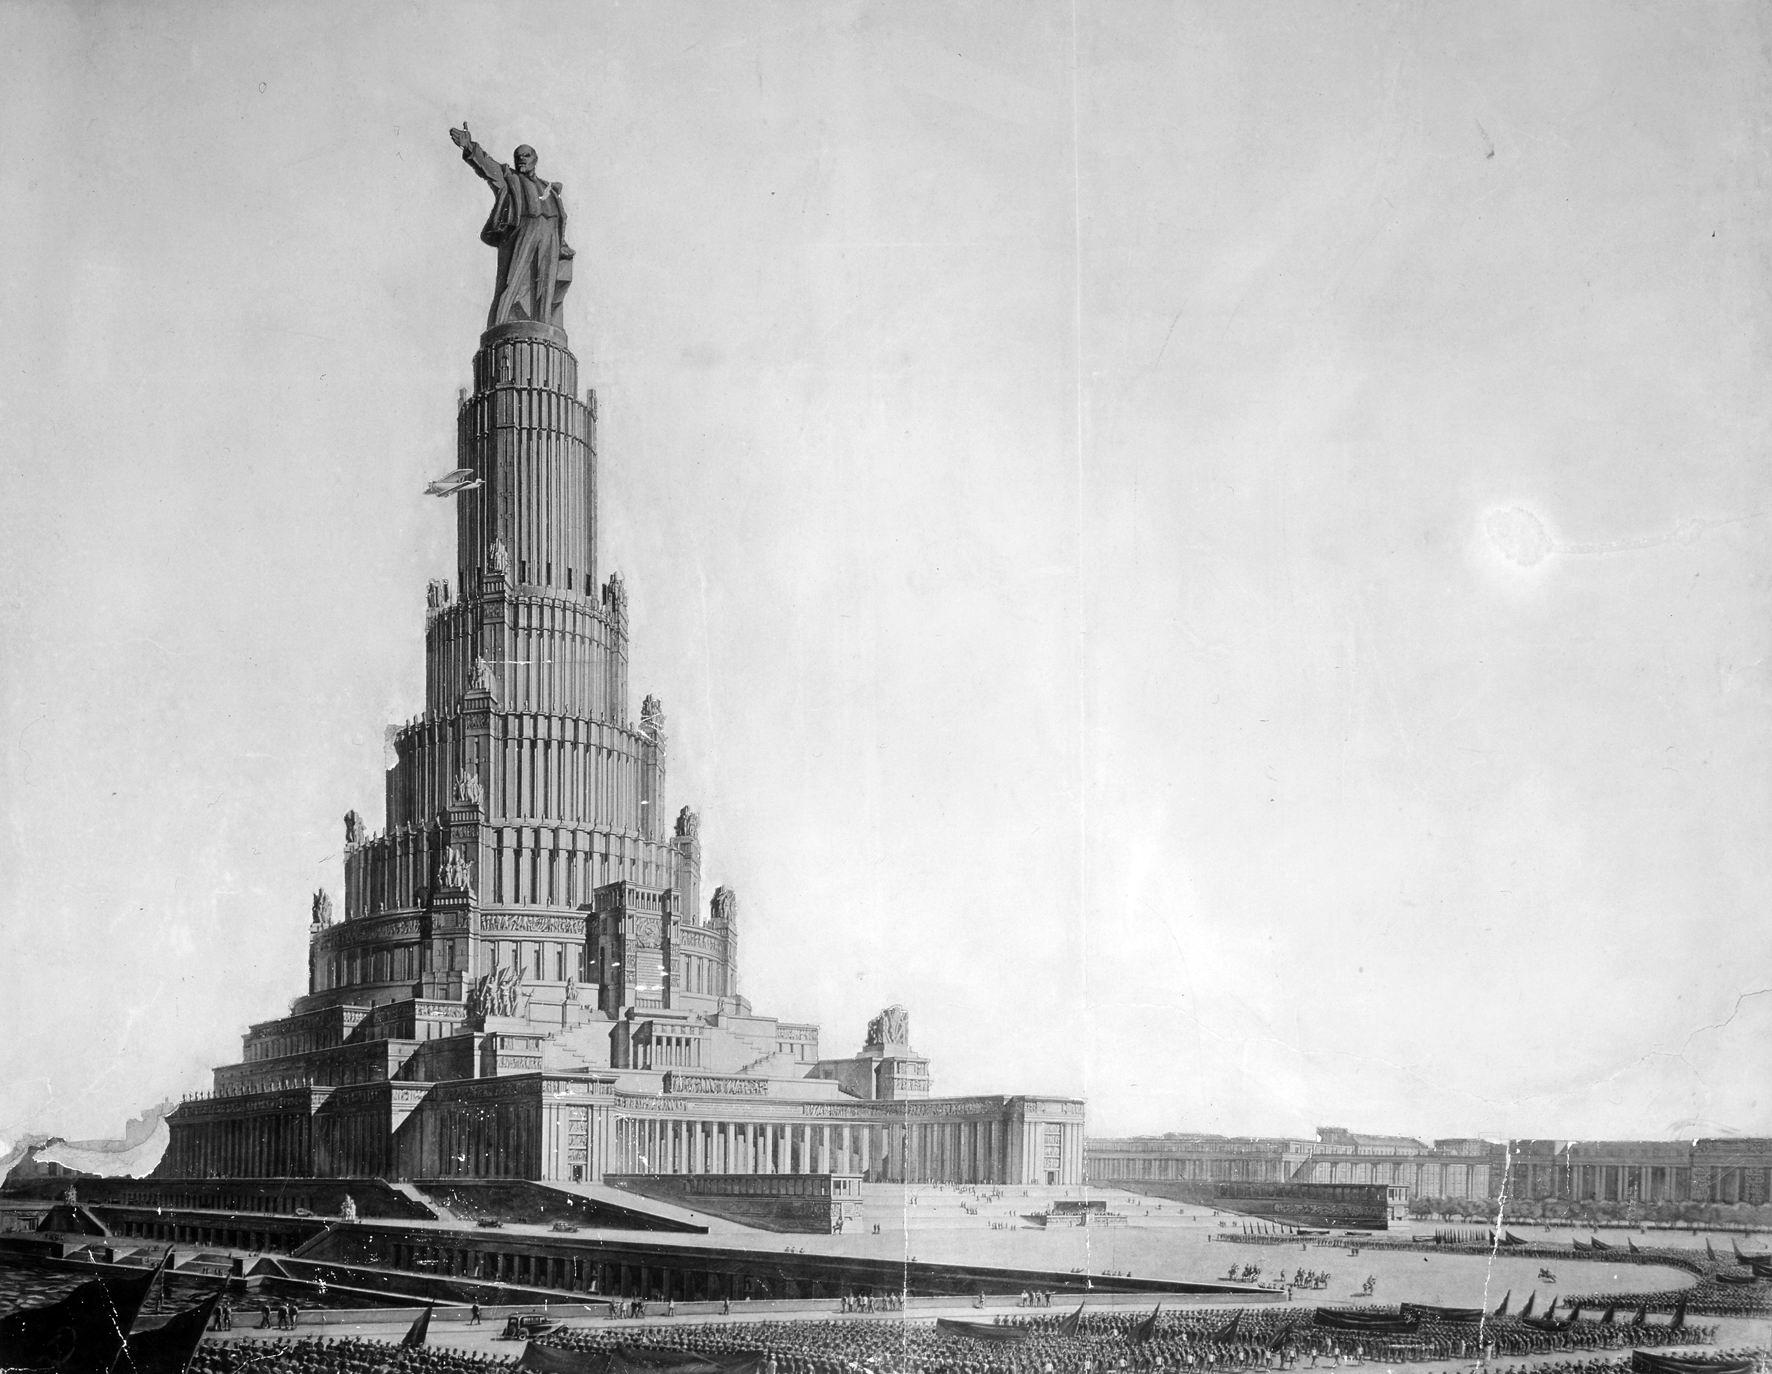 Палац Рад – утопічний проєкт СРСР вартістю в кілька міст